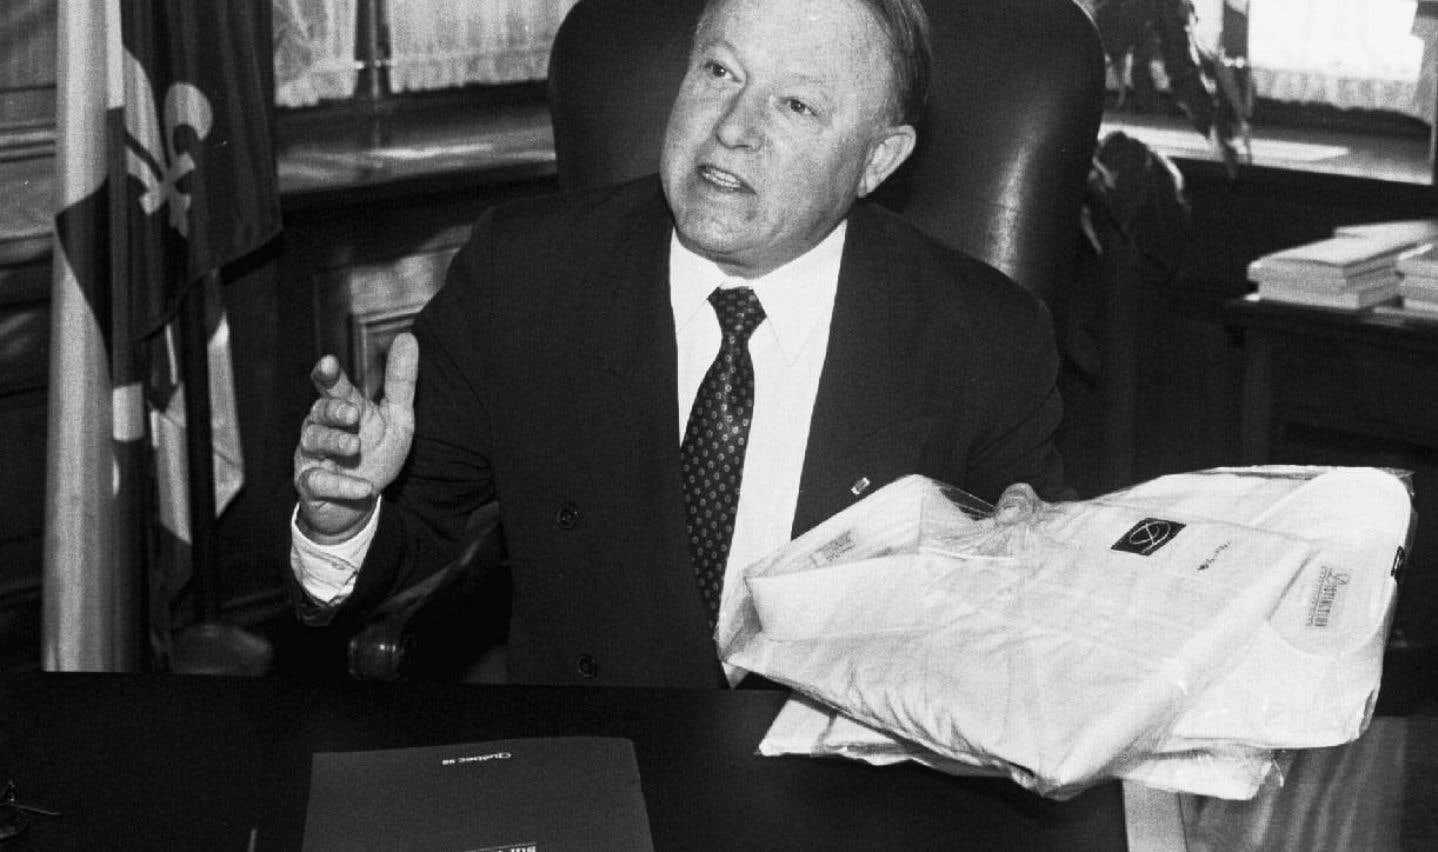 Au sein du gouvernement de Lucien Bouchard, qui priorise l'assainissement des finances publiques, Bernard Landry devient le premier ministre des Finances à parvenir à un équilibre budgétaire en 1999. Le voici en mars 1999, lors de la présentation du budget aux médias.